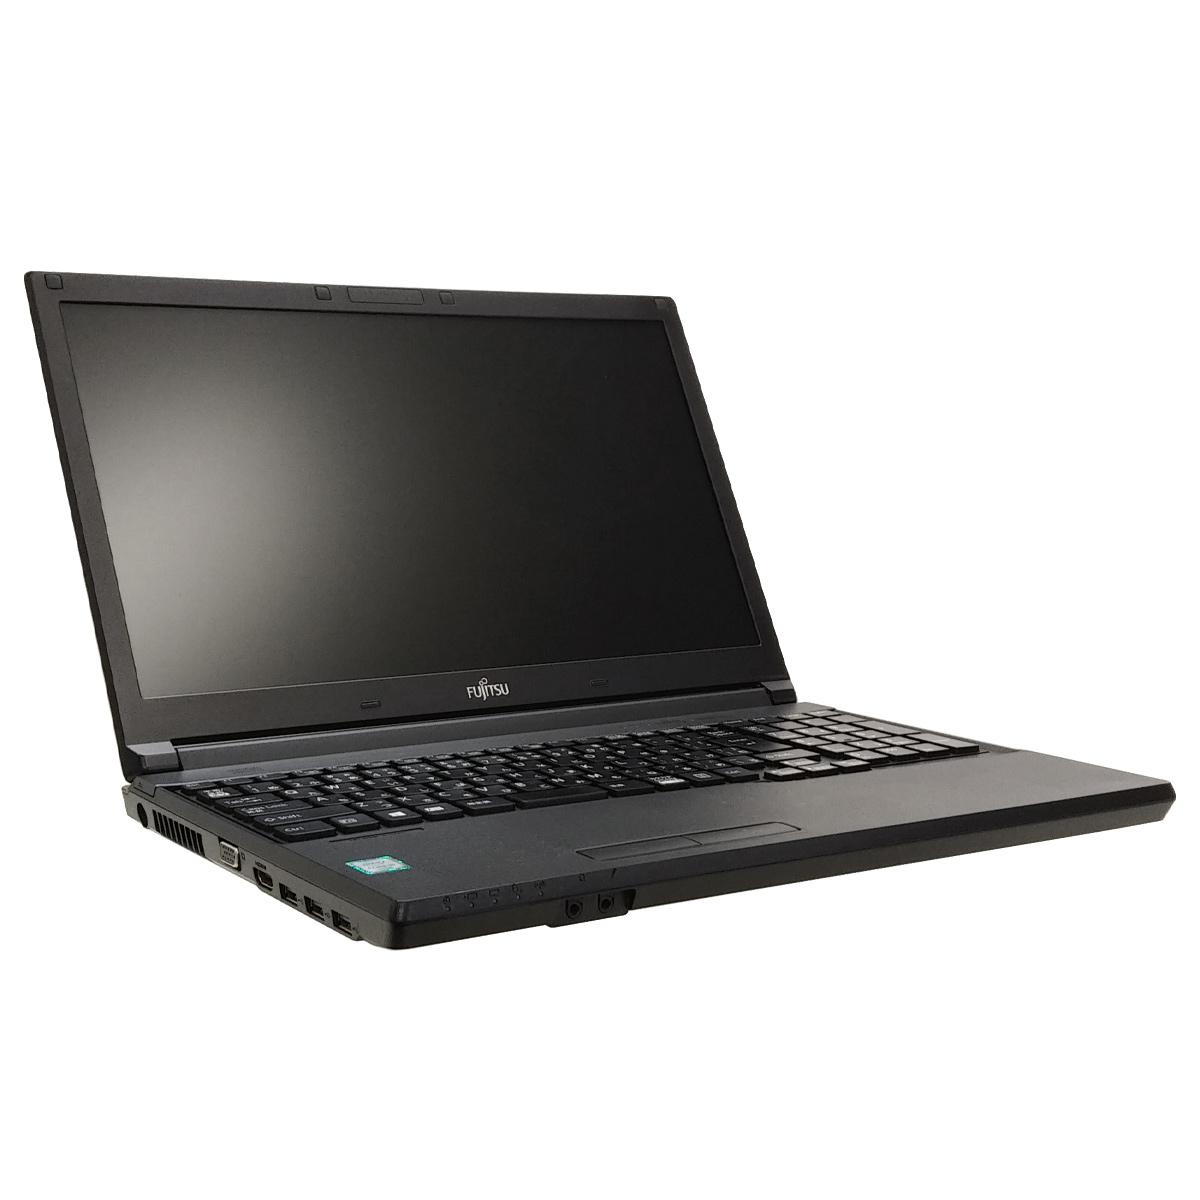 中古ノートパソコン Microsoft Office搭載 富士通 LIFEBOOK A576/N Windows10 Corei5-2.4Ghz メモリ12GB SSD512GB DVDマルチ 15.6型 無線LAN (LF65tsm-10Wiof) 3ヵ月保証 / 中古ノートパソコン 中古PC